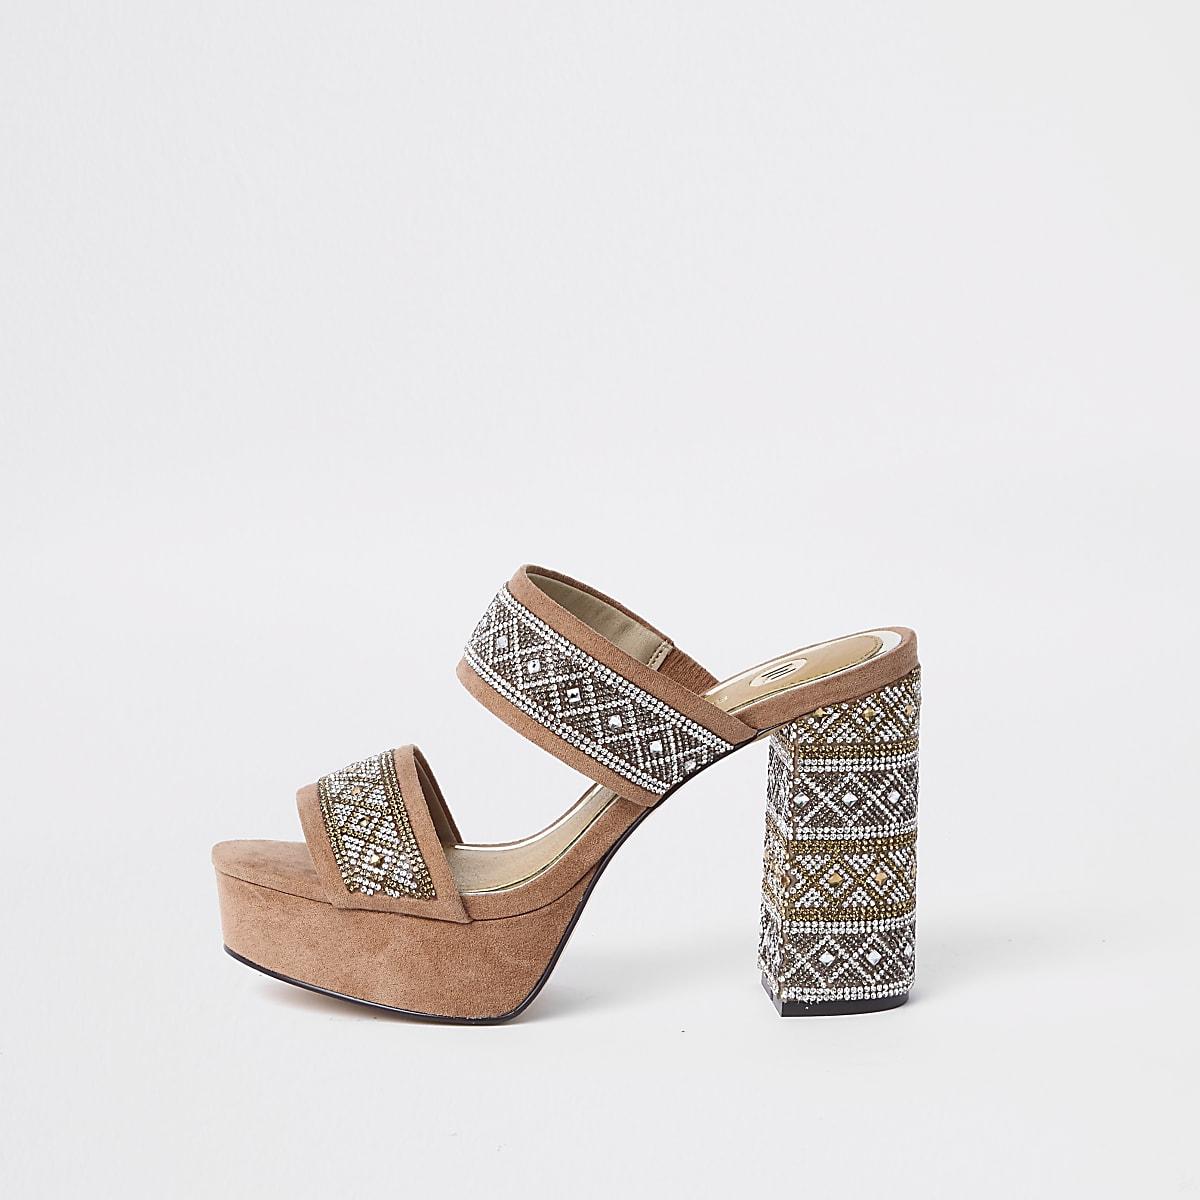 Sandales beige ornementées à plateforme et talon carré